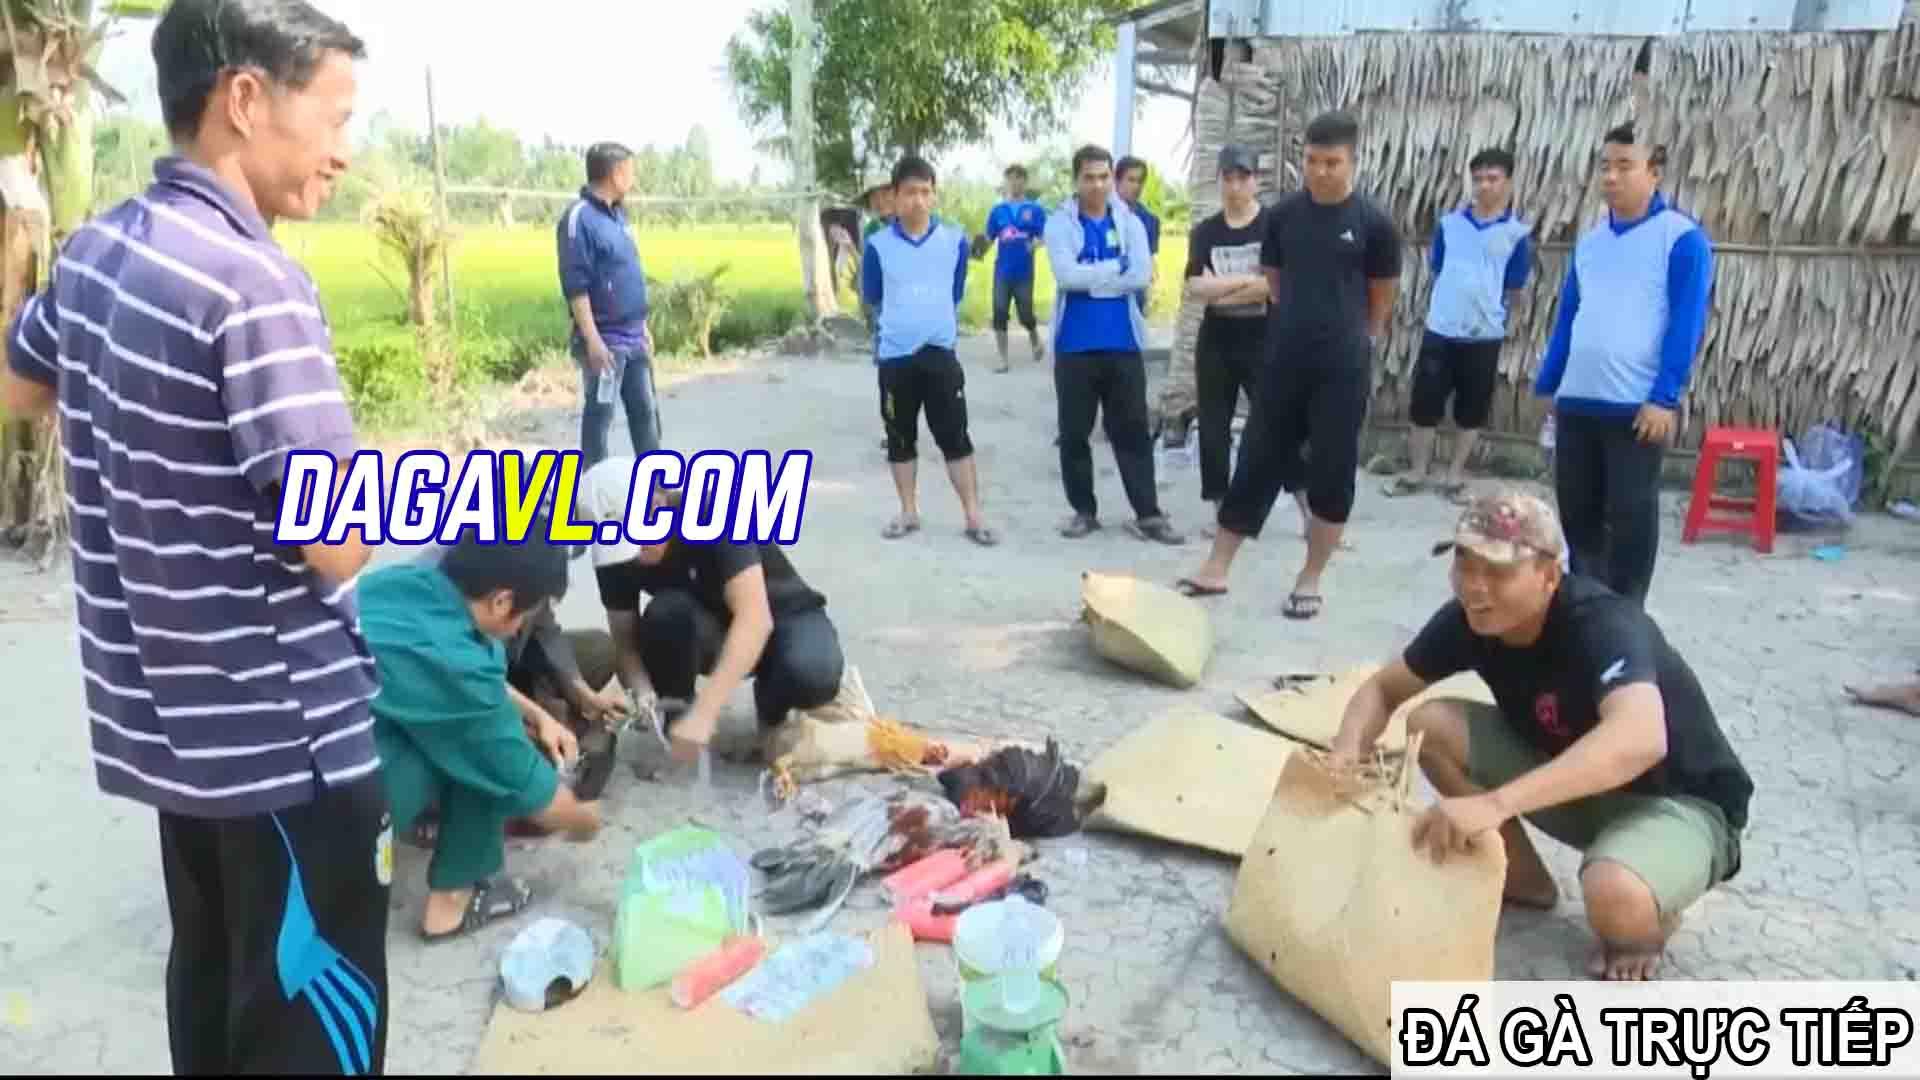 DAGAVL.COM - đá gà trực tiếp. Bắt 27 đối tượng đá gà ăn tiền tại Bà Rinh